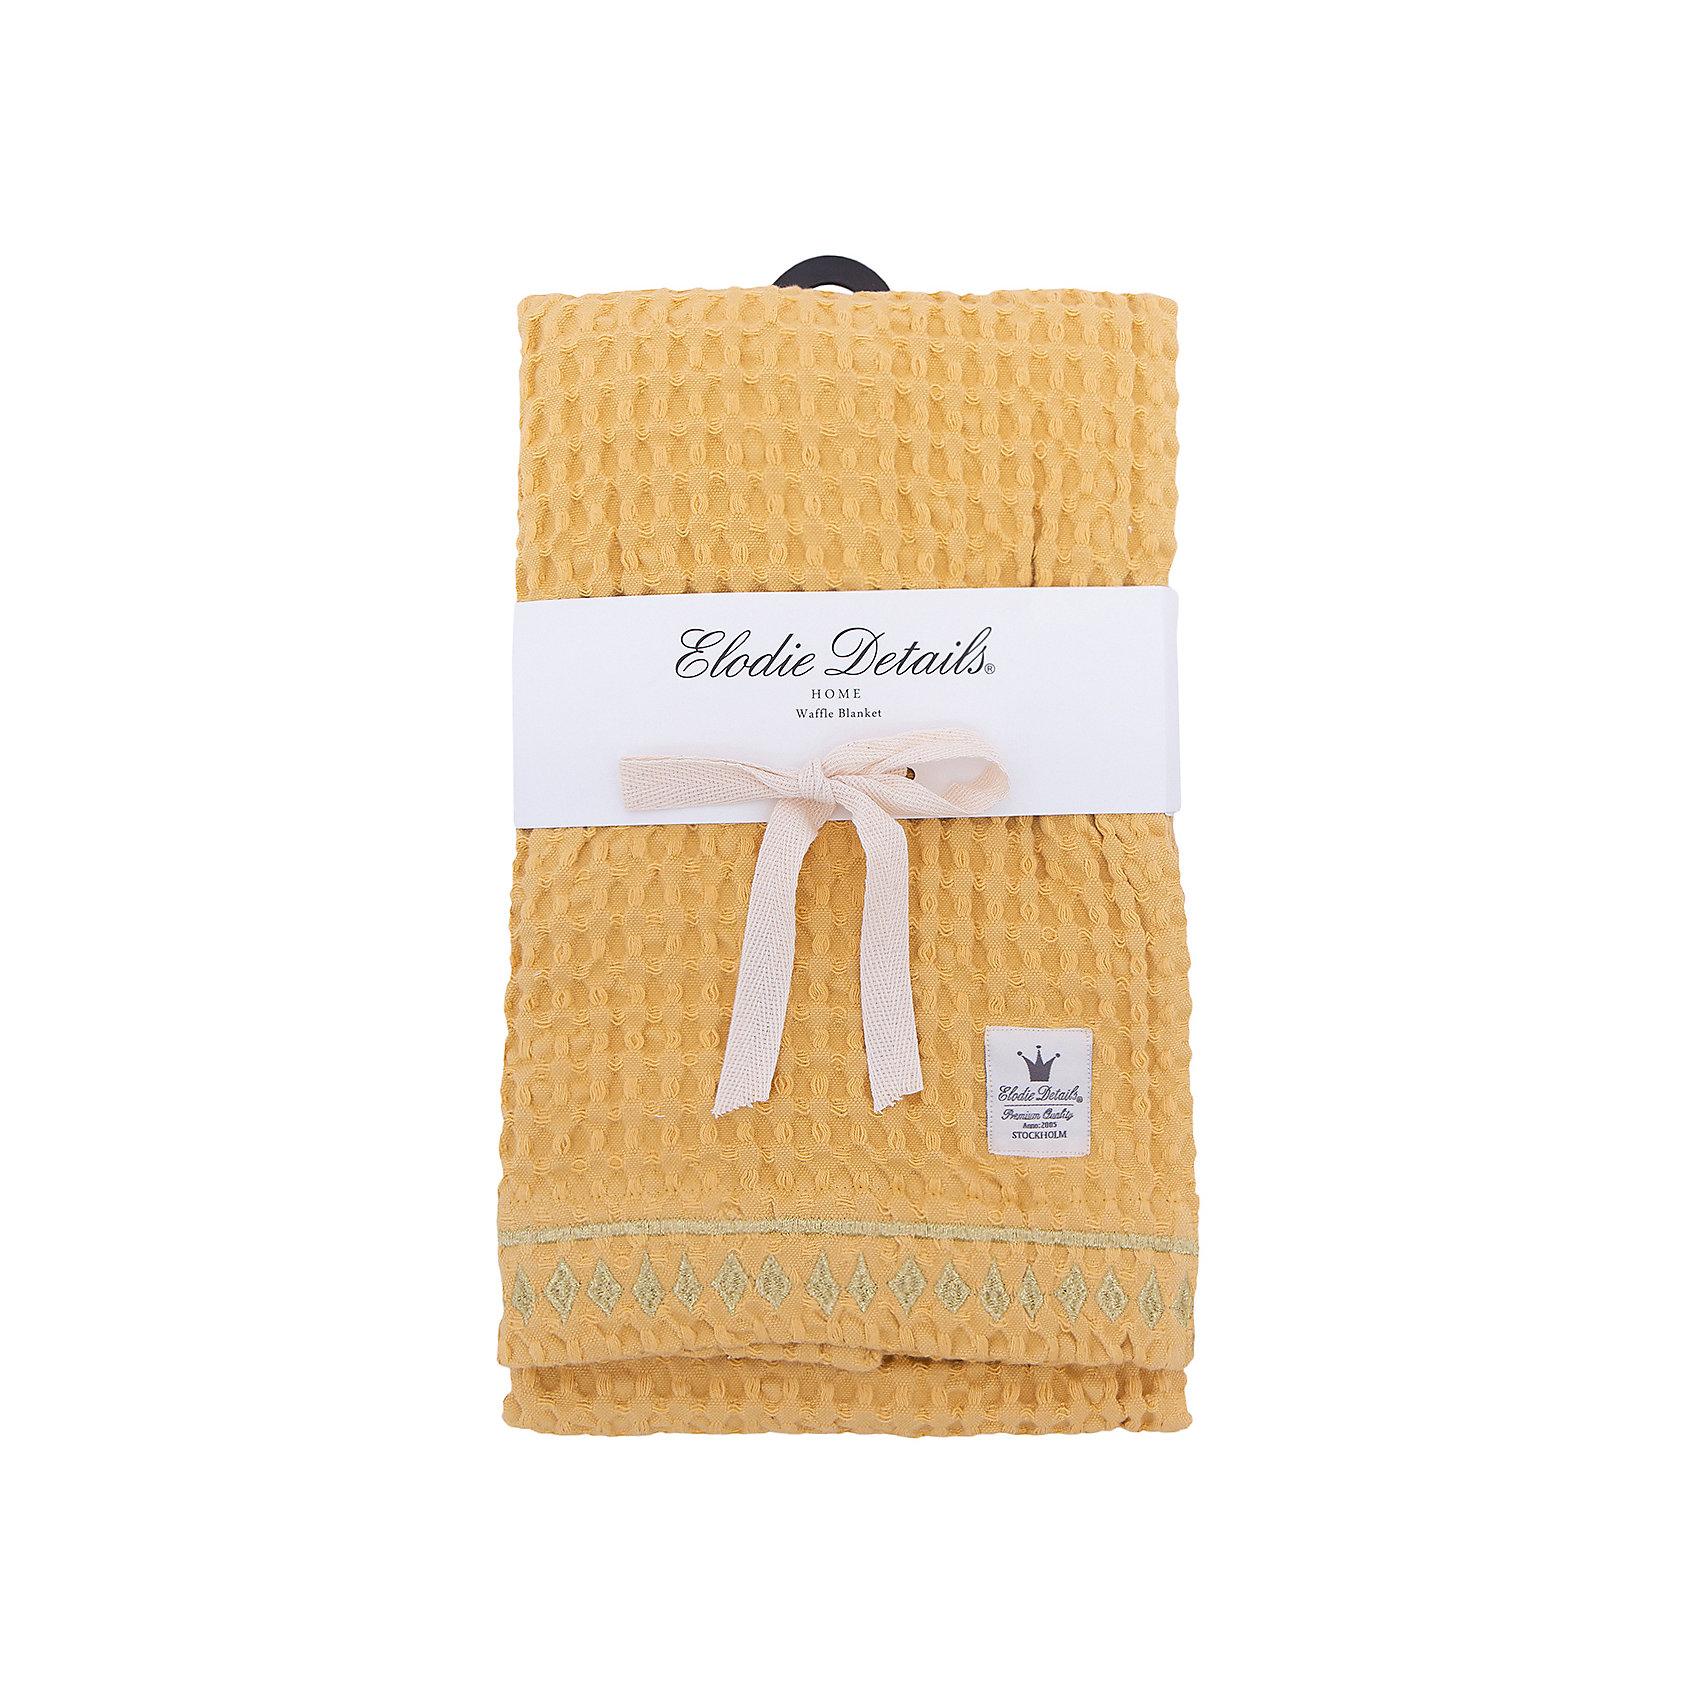 Плед Sweet Honey, , Elodie Details, вафельный узорОдеяла, пледы<br>Плед Sweet Honey, вафельный узор, Elodie Details (Элоди Дитейлс)<br><br>Характеристики:<br><br>• дизайн в марокканском стиле<br>• пропускает воздух<br>• размер: 70х100 см<br>• материал: хлопок<br>• размер упаковки: 37х4х25 см<br>• вес: 430 грамм<br><br>Плед Sweet Honey от известного бренда Elodie Details согреет малыша во время прогулки или отдыха. Плед отлично подойдет для прогулки с коляской или отдыха на природе. Изделие выполнено из органического хлопка, который хорошо сохраняет тепло и не теряет свои свойства после стирки. Плед выполнен в желтом цвете и декорирован золотистой вышивкой по краю.<br><br>Плед  Sweet Honey, вафельный узор вы можете купить в нашем интернет-магазине.<br><br>Ширина мм: 250<br>Глубина мм: 40<br>Высота мм: 370<br>Вес г: 430<br>Возраст от месяцев: 0<br>Возраст до месяцев: 120<br>Пол: Унисекс<br>Возраст: Детский<br>SKU: 5613541